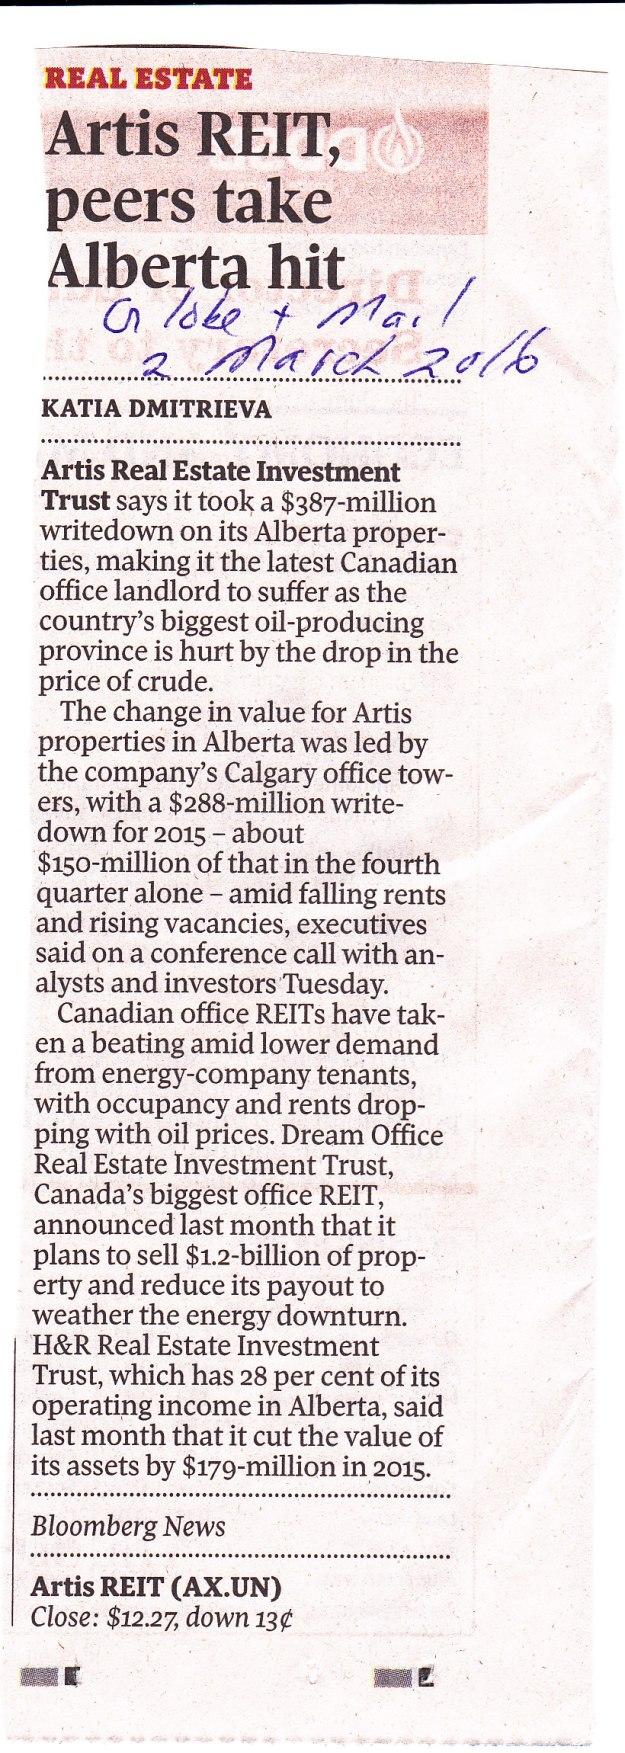 Artis REIT commercial real estate writedowns